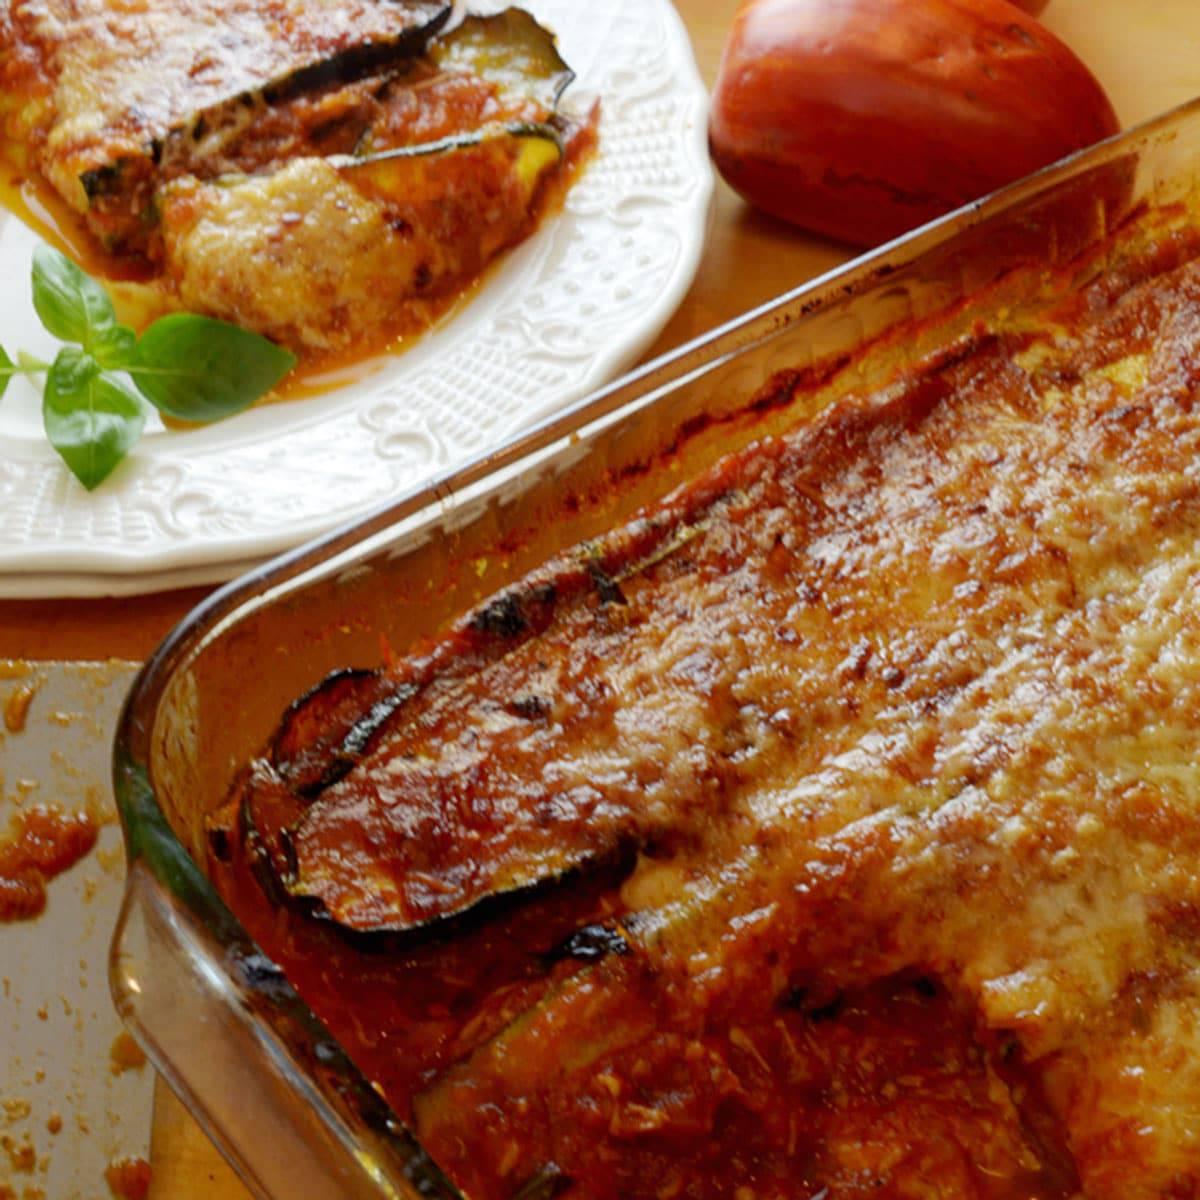 Pan of baked zucchini casserole